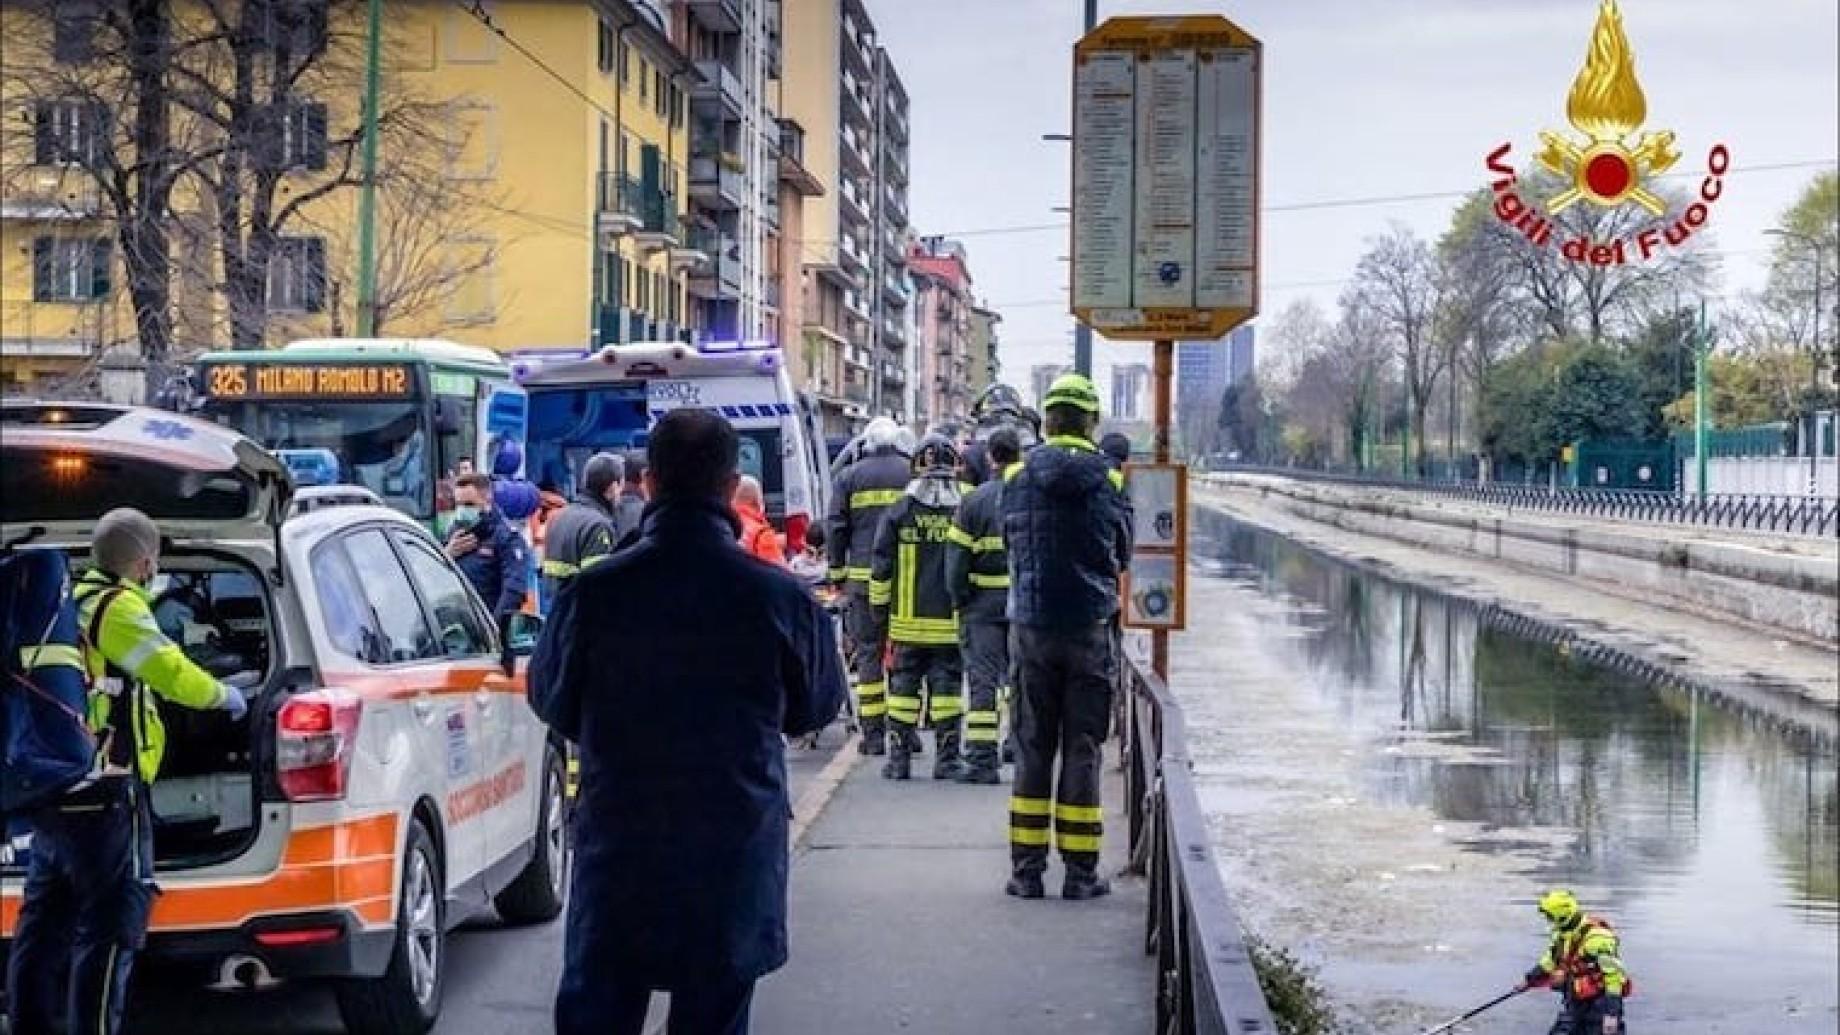 Milano, si tuffa nel Naviglio in secca per scappare dalla polizia e si fracassa una gamba